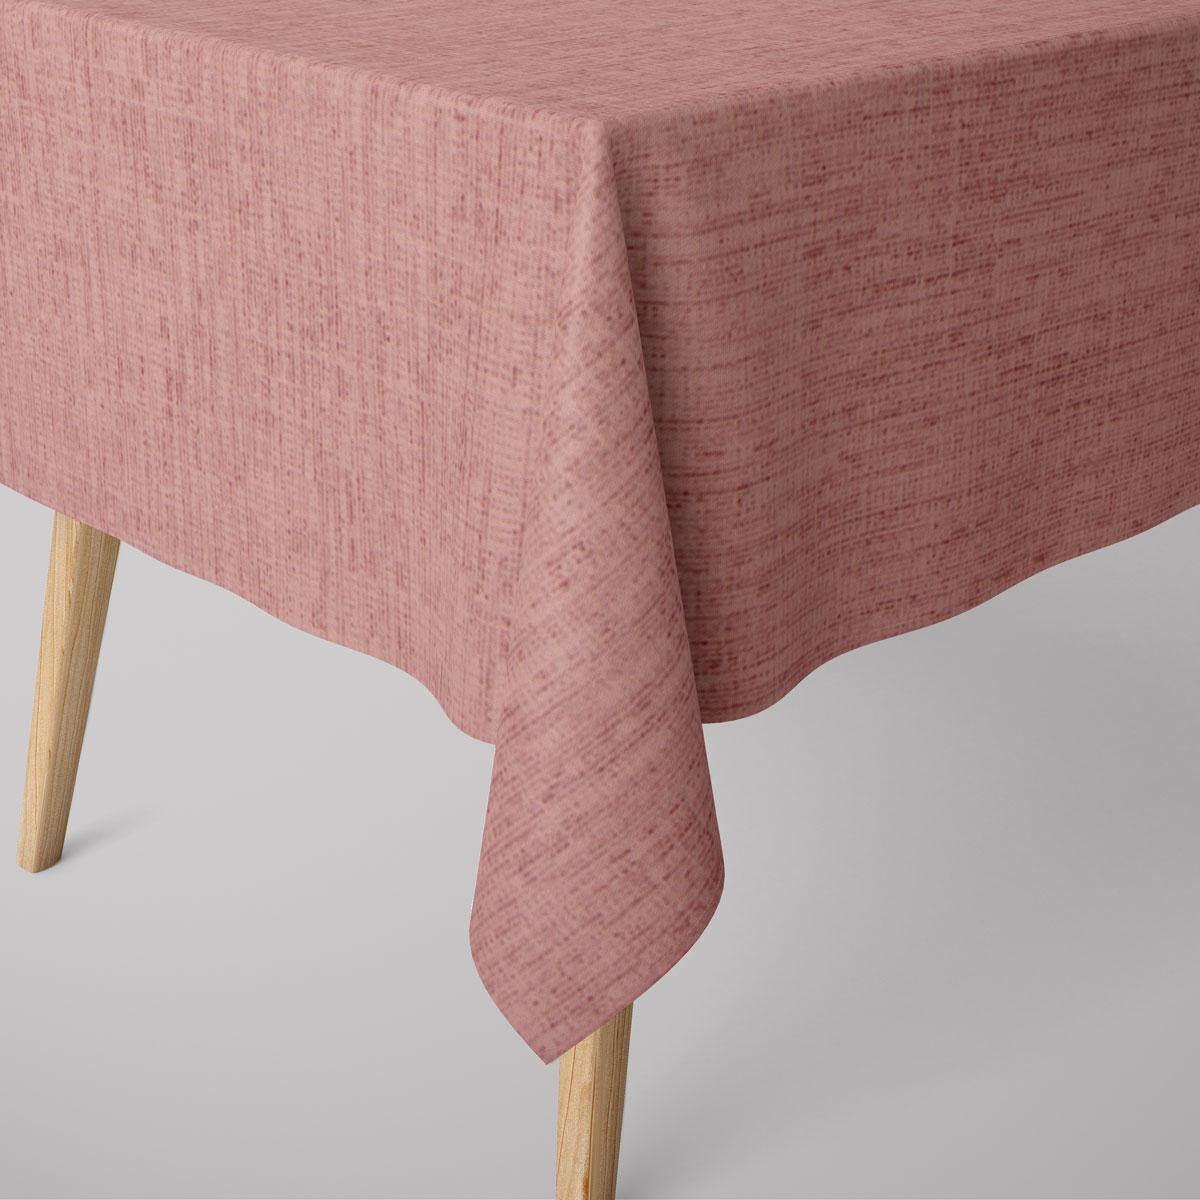 SCHÖNER LEBEN. Tischdecke VARANO grobe Struktur rosa meliert verschiedene Größen